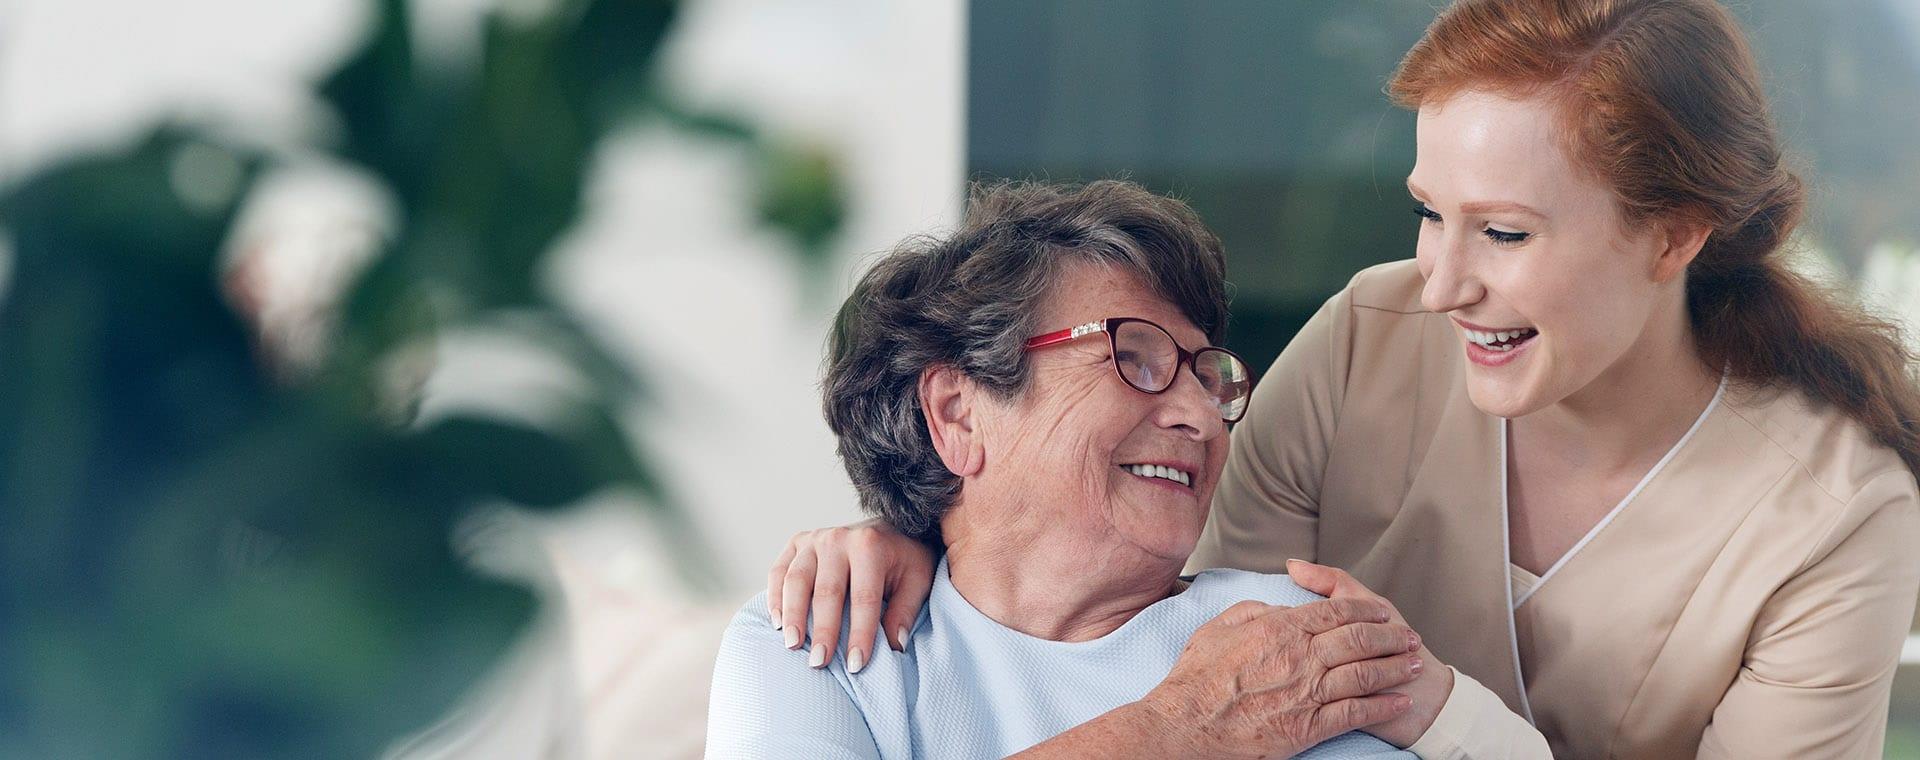 Hand und Herz - Online-Bewerbung